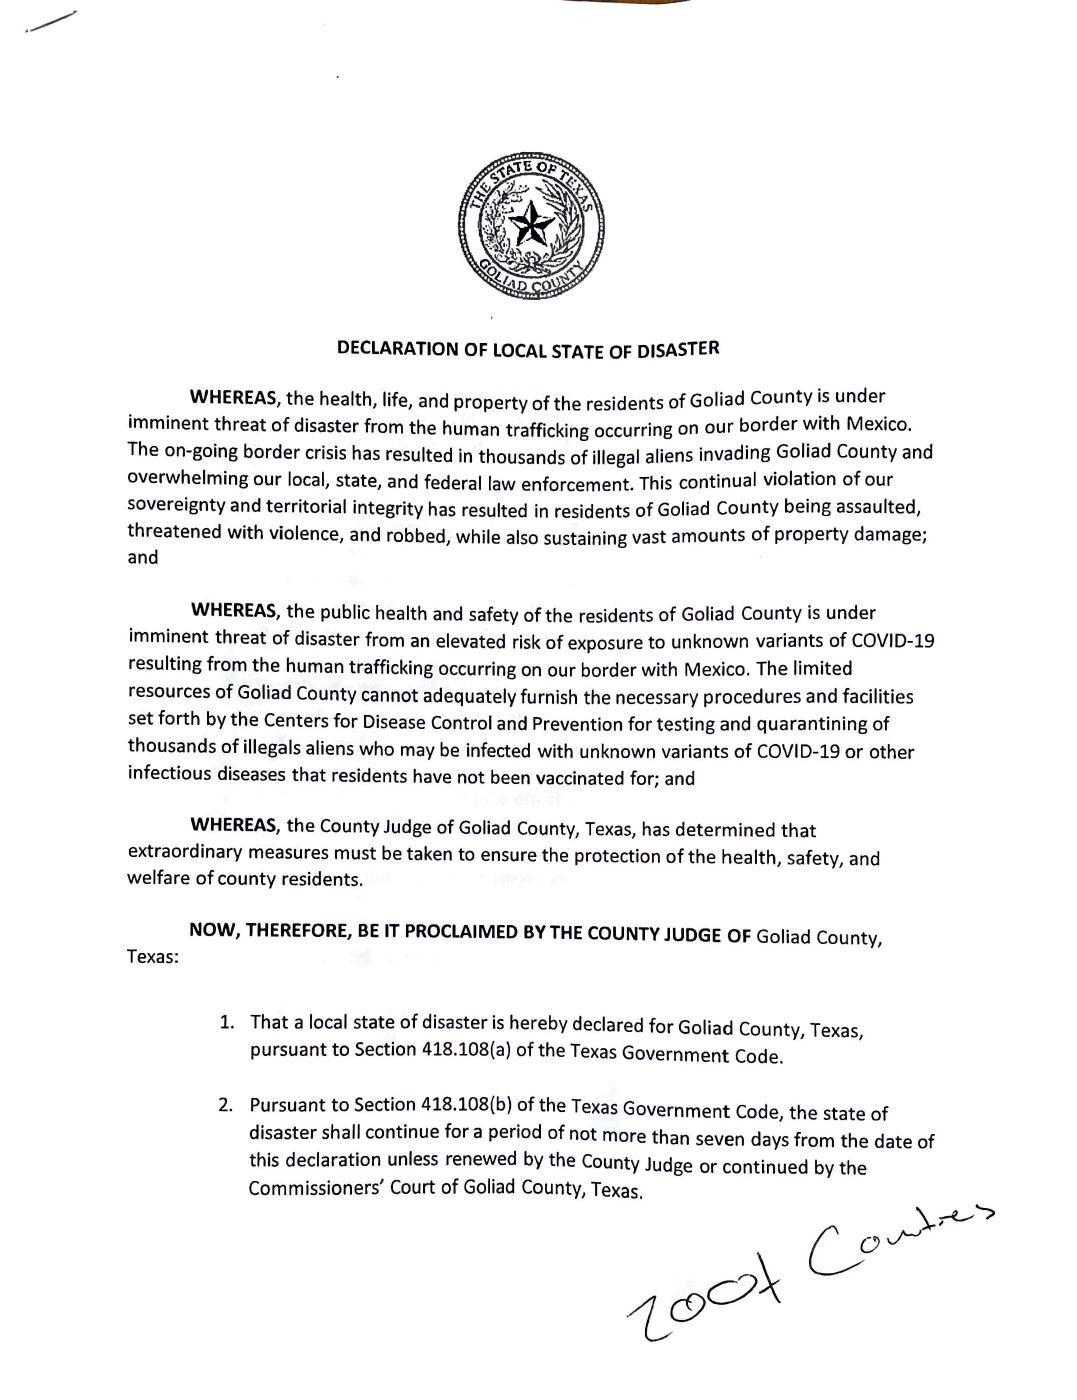 Goliad County Declaration